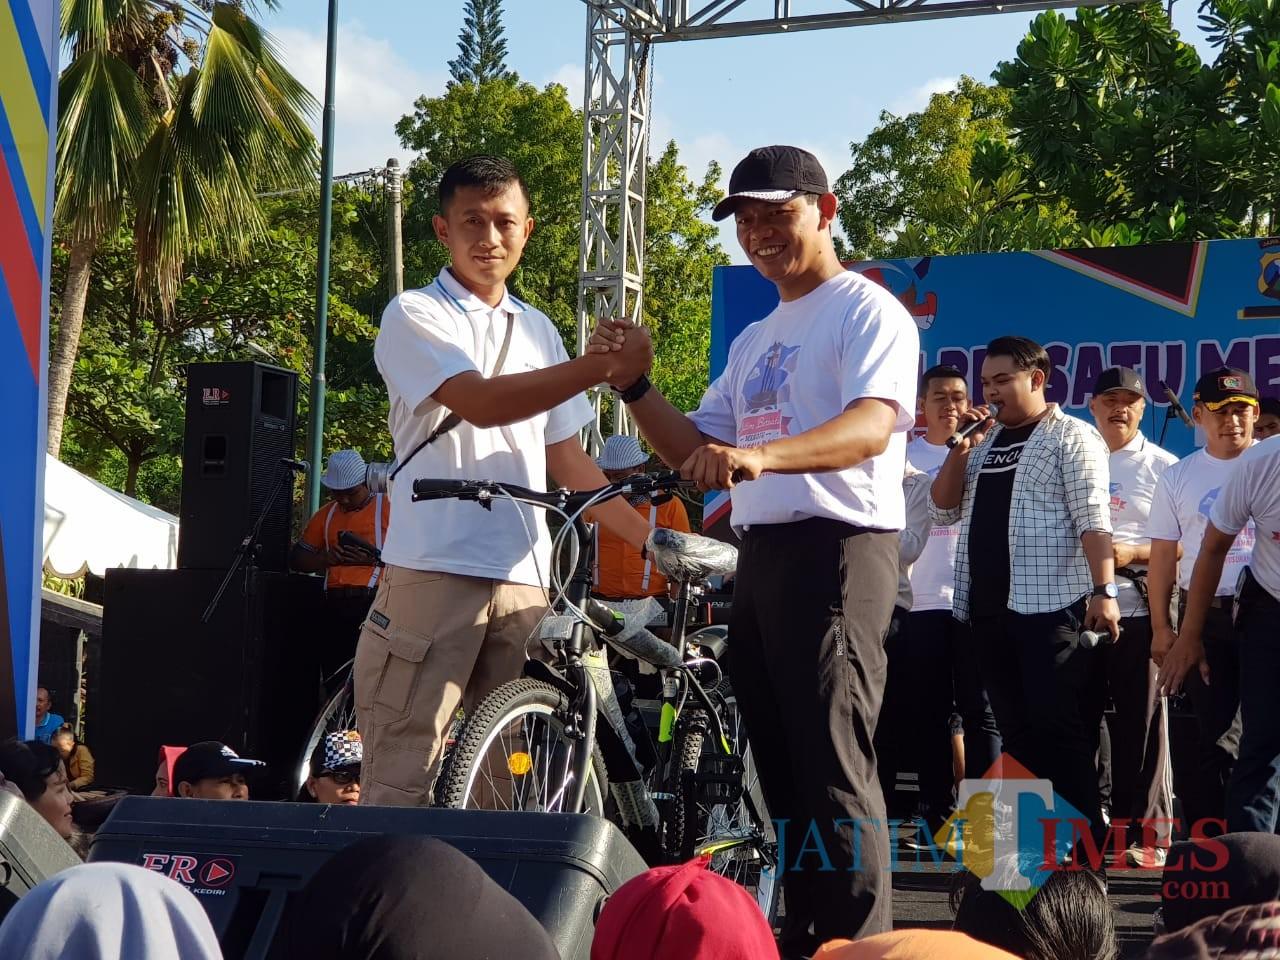 AKBP Tofik Sukendar Kapolres Tulungagung saat memberikan hadiah sepeda pada peserta senam bersama di Alun-Alun Tulungagung/ Foto : Dokpol / Tulungagung TIMES